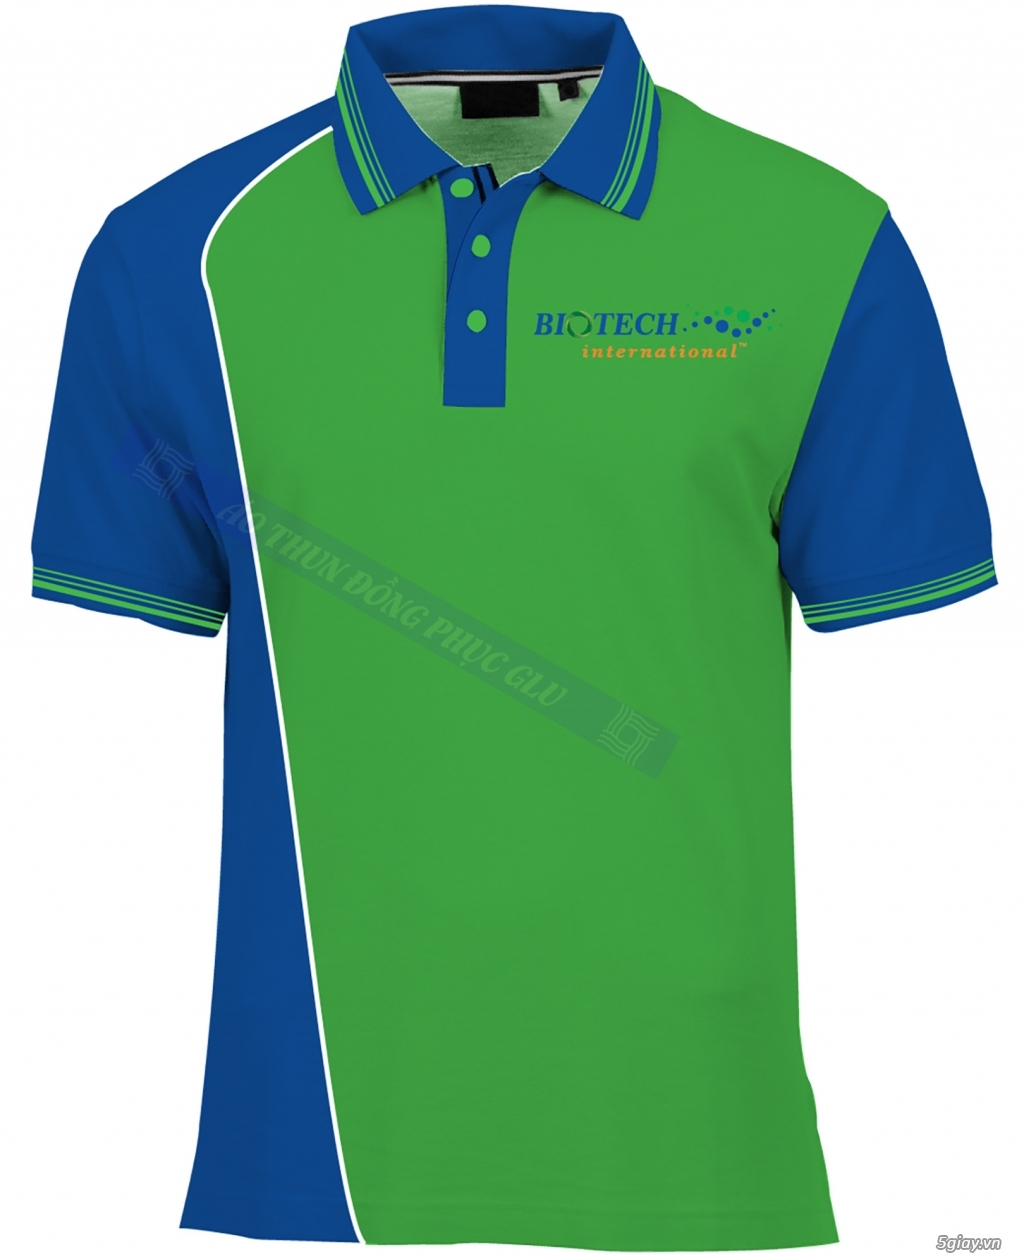 May áo thun đồng phục cao ty chất lượng, giá rẻ nhất TPHCM - 26